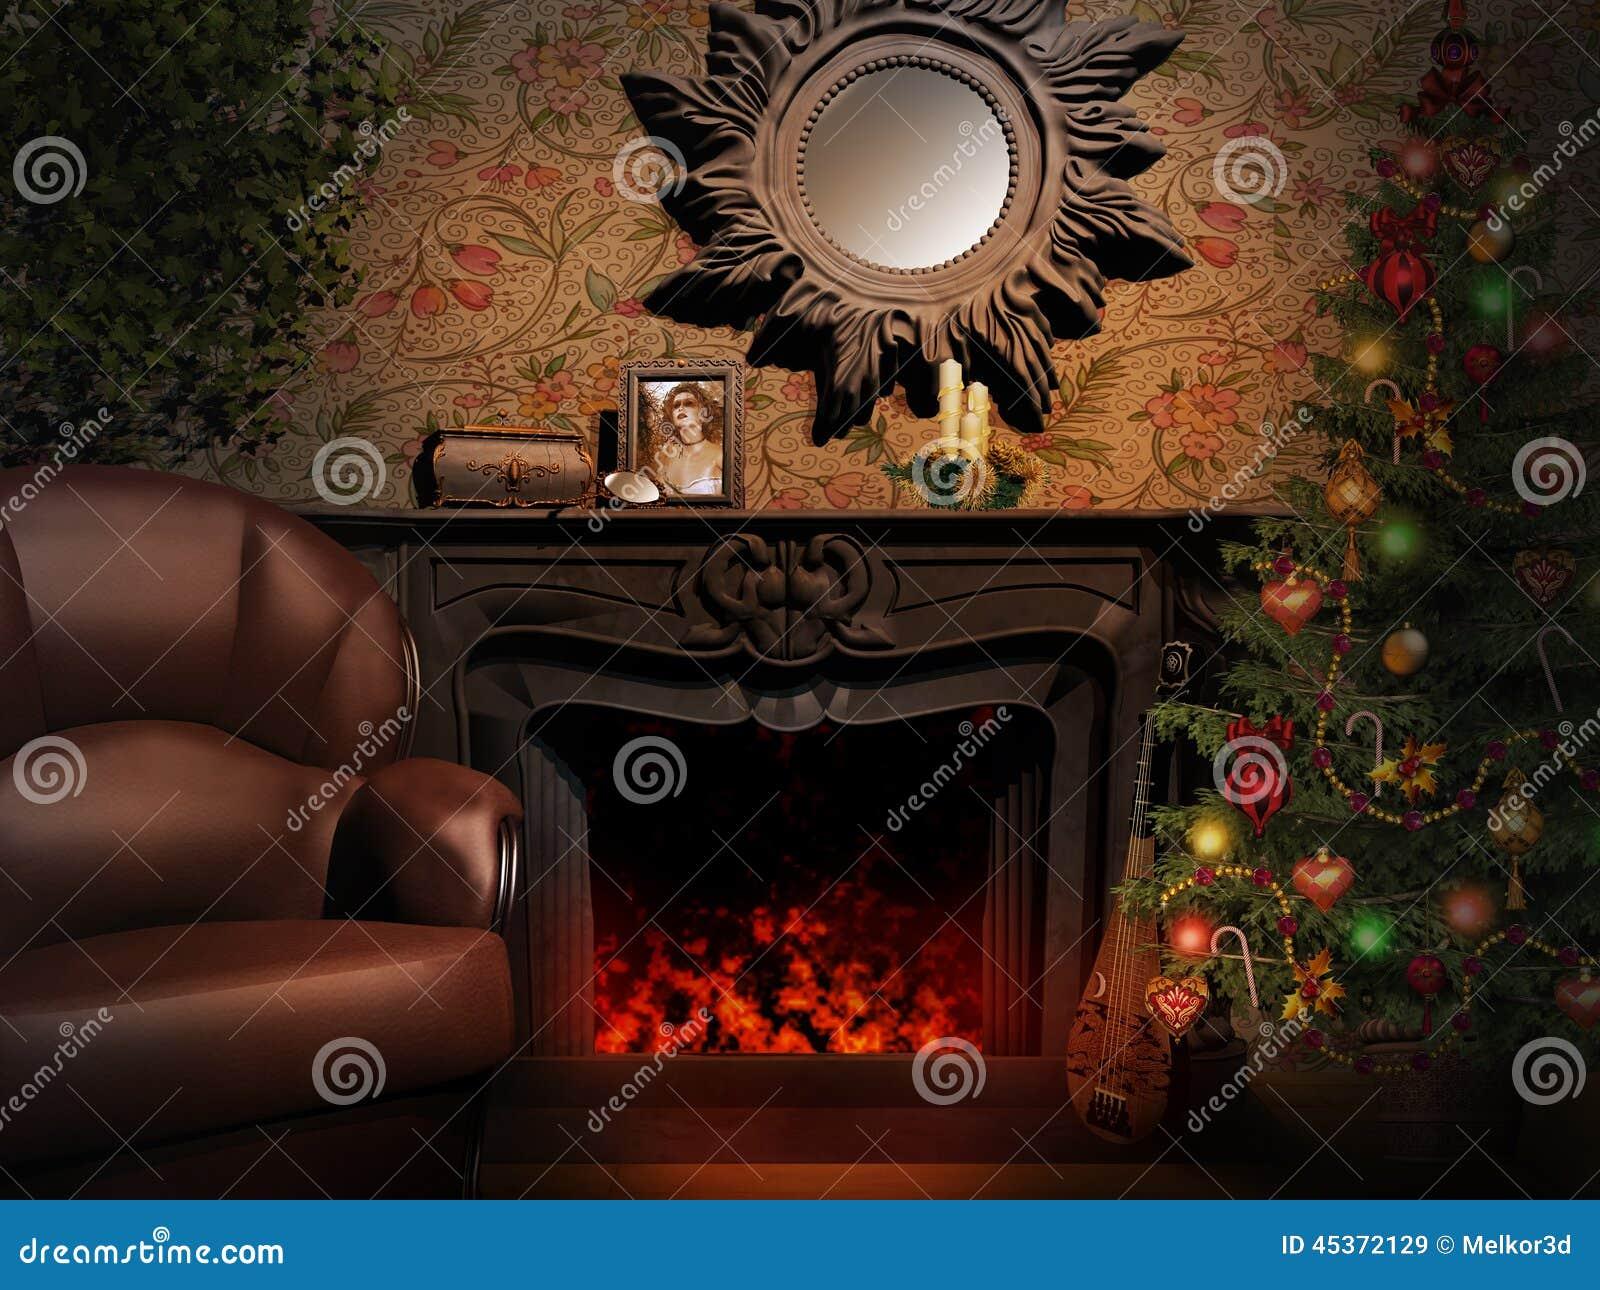 Cheminée avec un miroir et un arbre de Noël